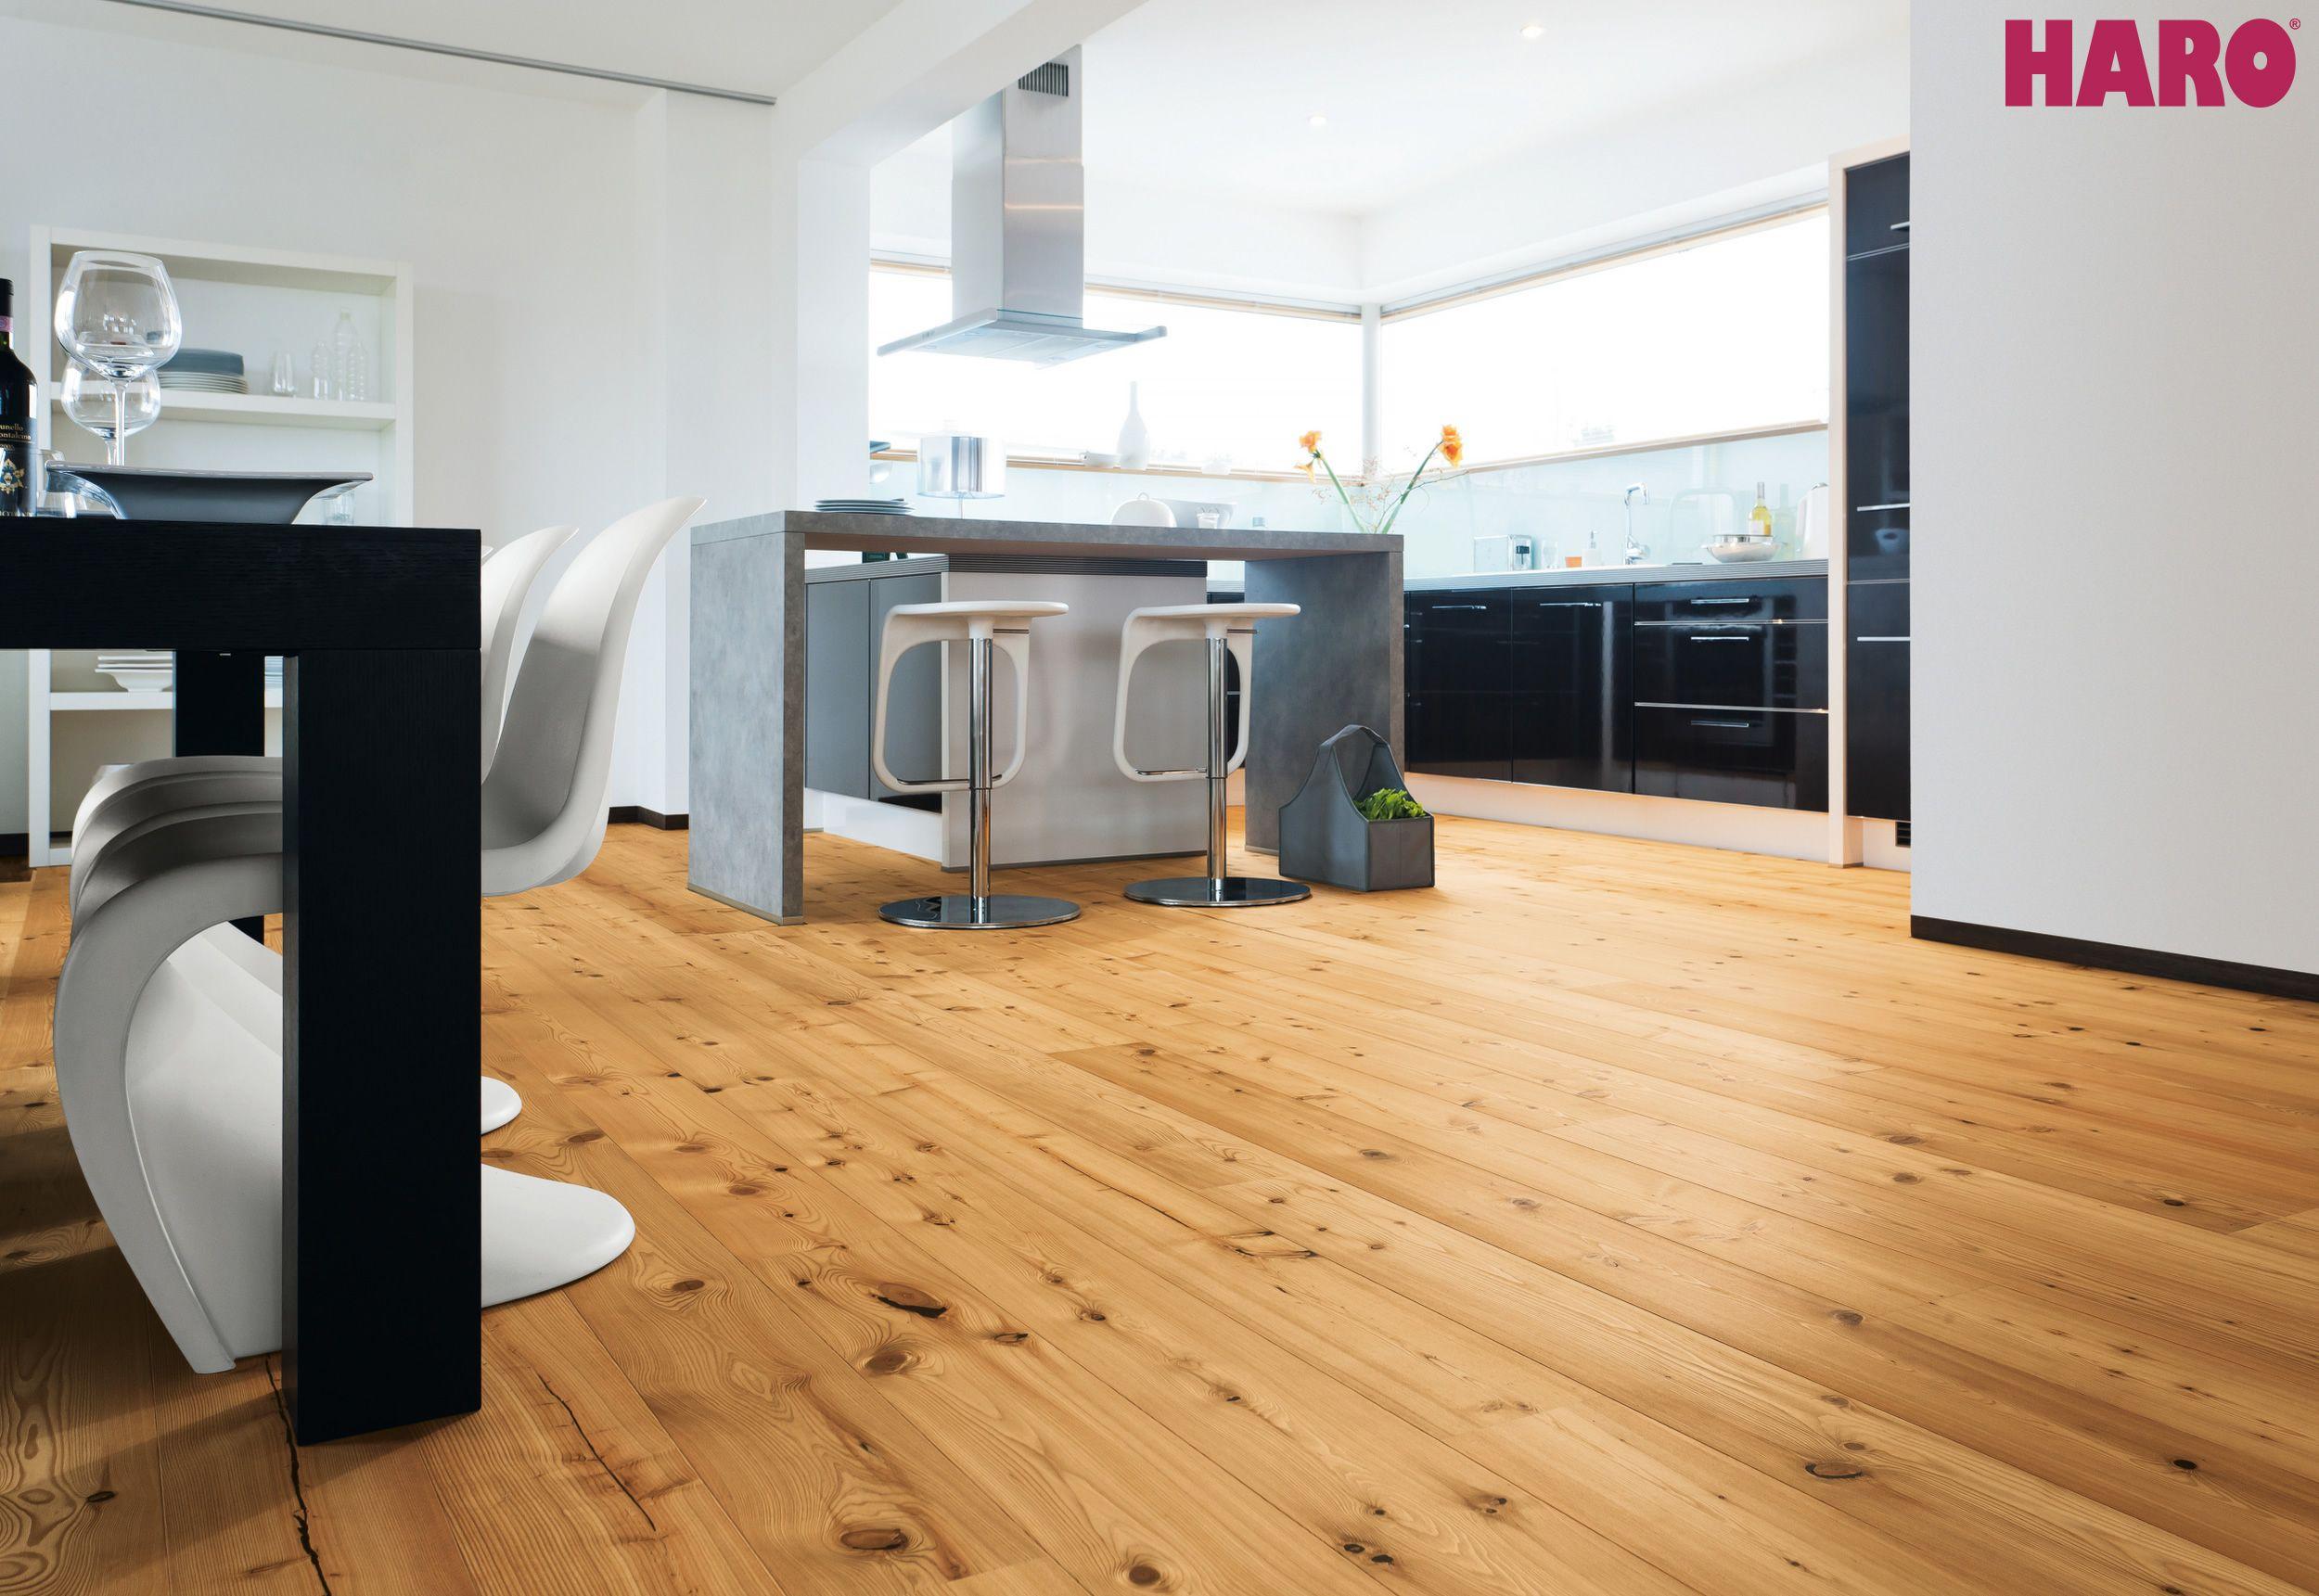 Haro Parquet 4000 Plank 1 Strip 4v Larch Sauvage Brushed Item 523353 Flooring Parquet Wooden Floorboards